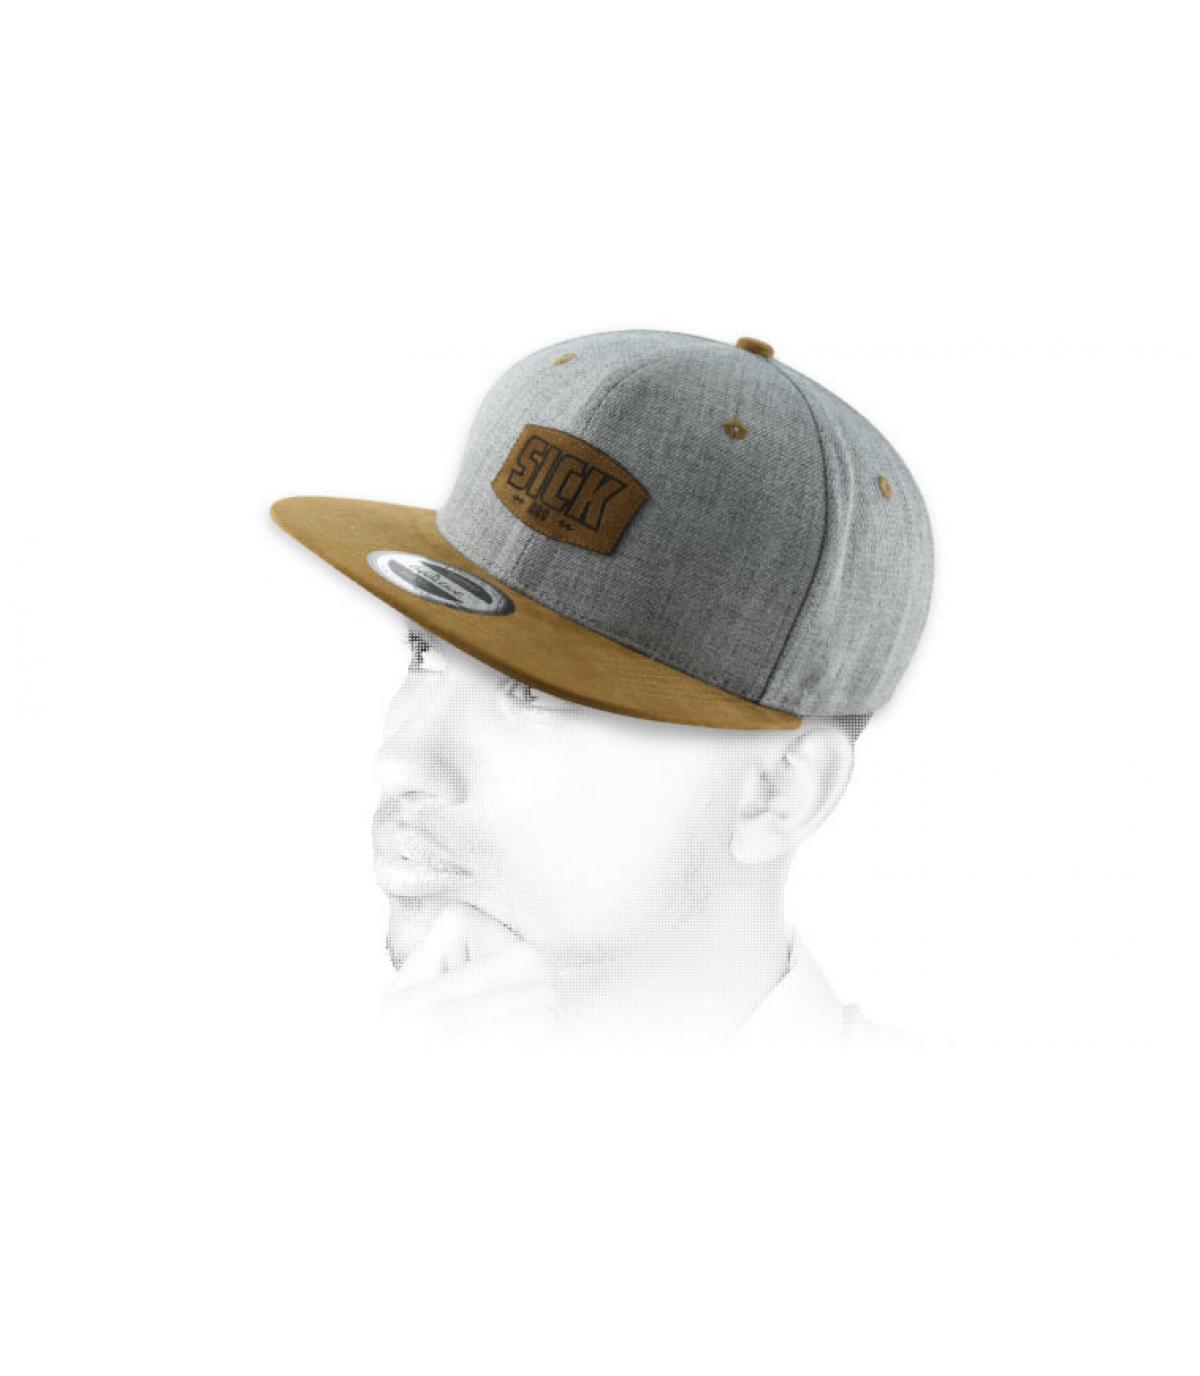 snpaback Sick marrone grigio